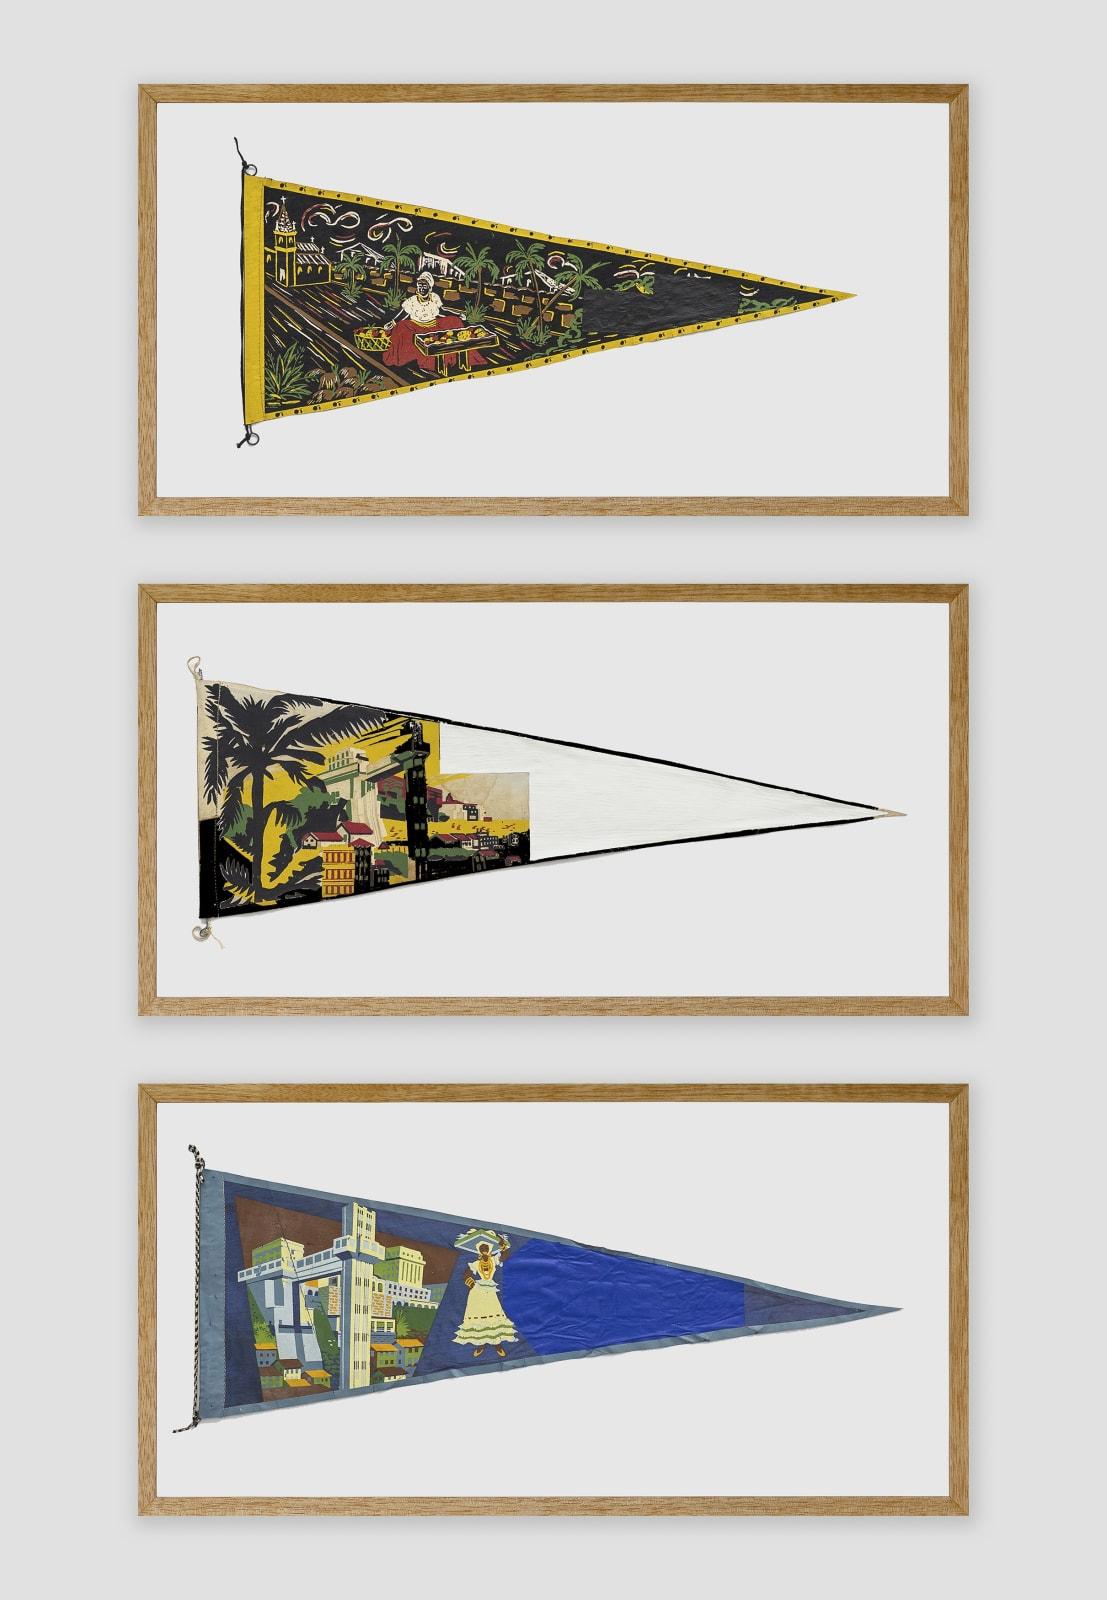 Bruno Faria Lembranças de Paisagem I Salvador, 2020 Pintura e serigrafia sobre tecido, Tríptico aprox. 102 x 61,5 cm